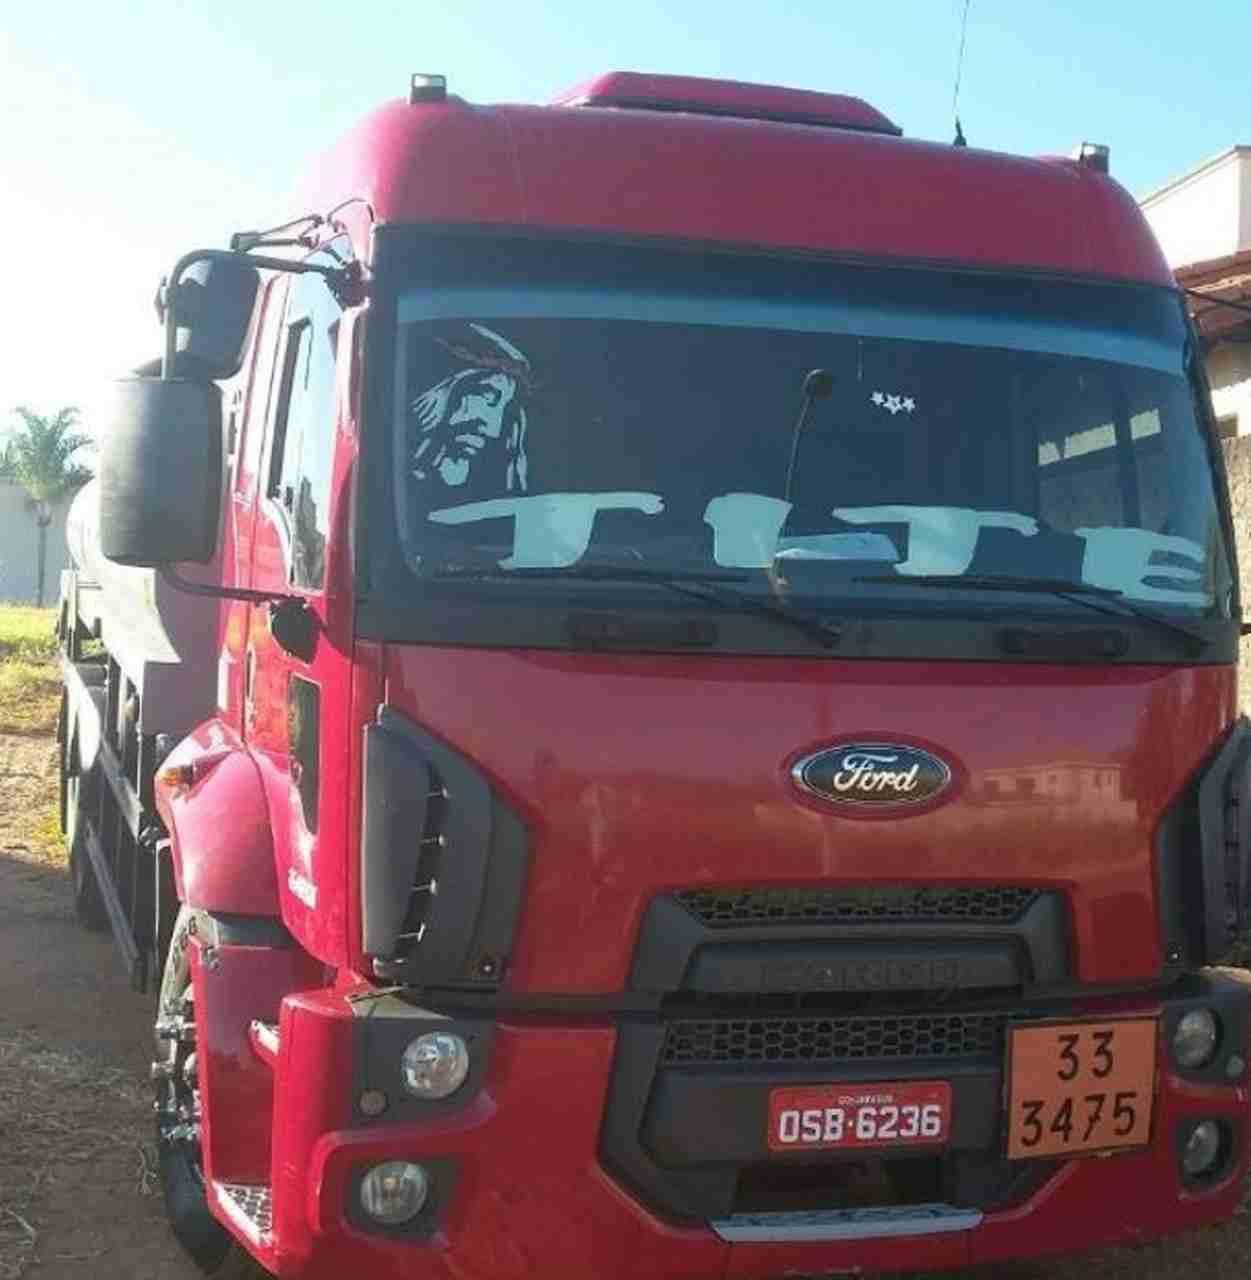 Caminhão roubado. No para-brisa está escrito o apelido do caminhoneiro: Tite